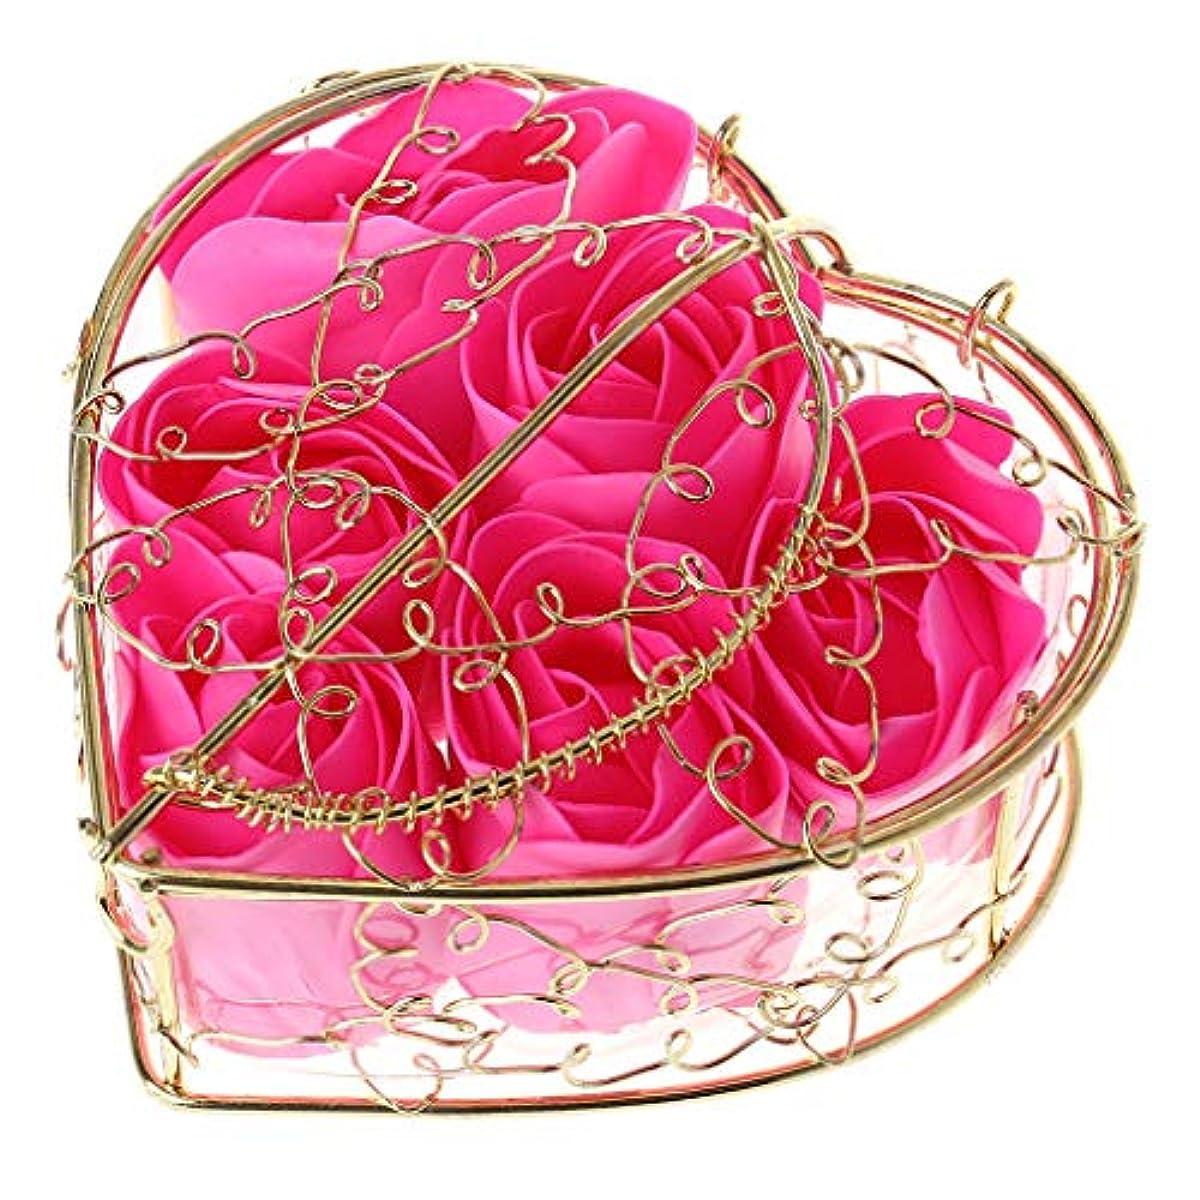 浮浪者用心するシニスKaman-co 6本の香りのバラの花びら、入浴ボディーソープ、ウェディングパーティーの装飾ギフト、バレンタインデーの贈り物 (HP)